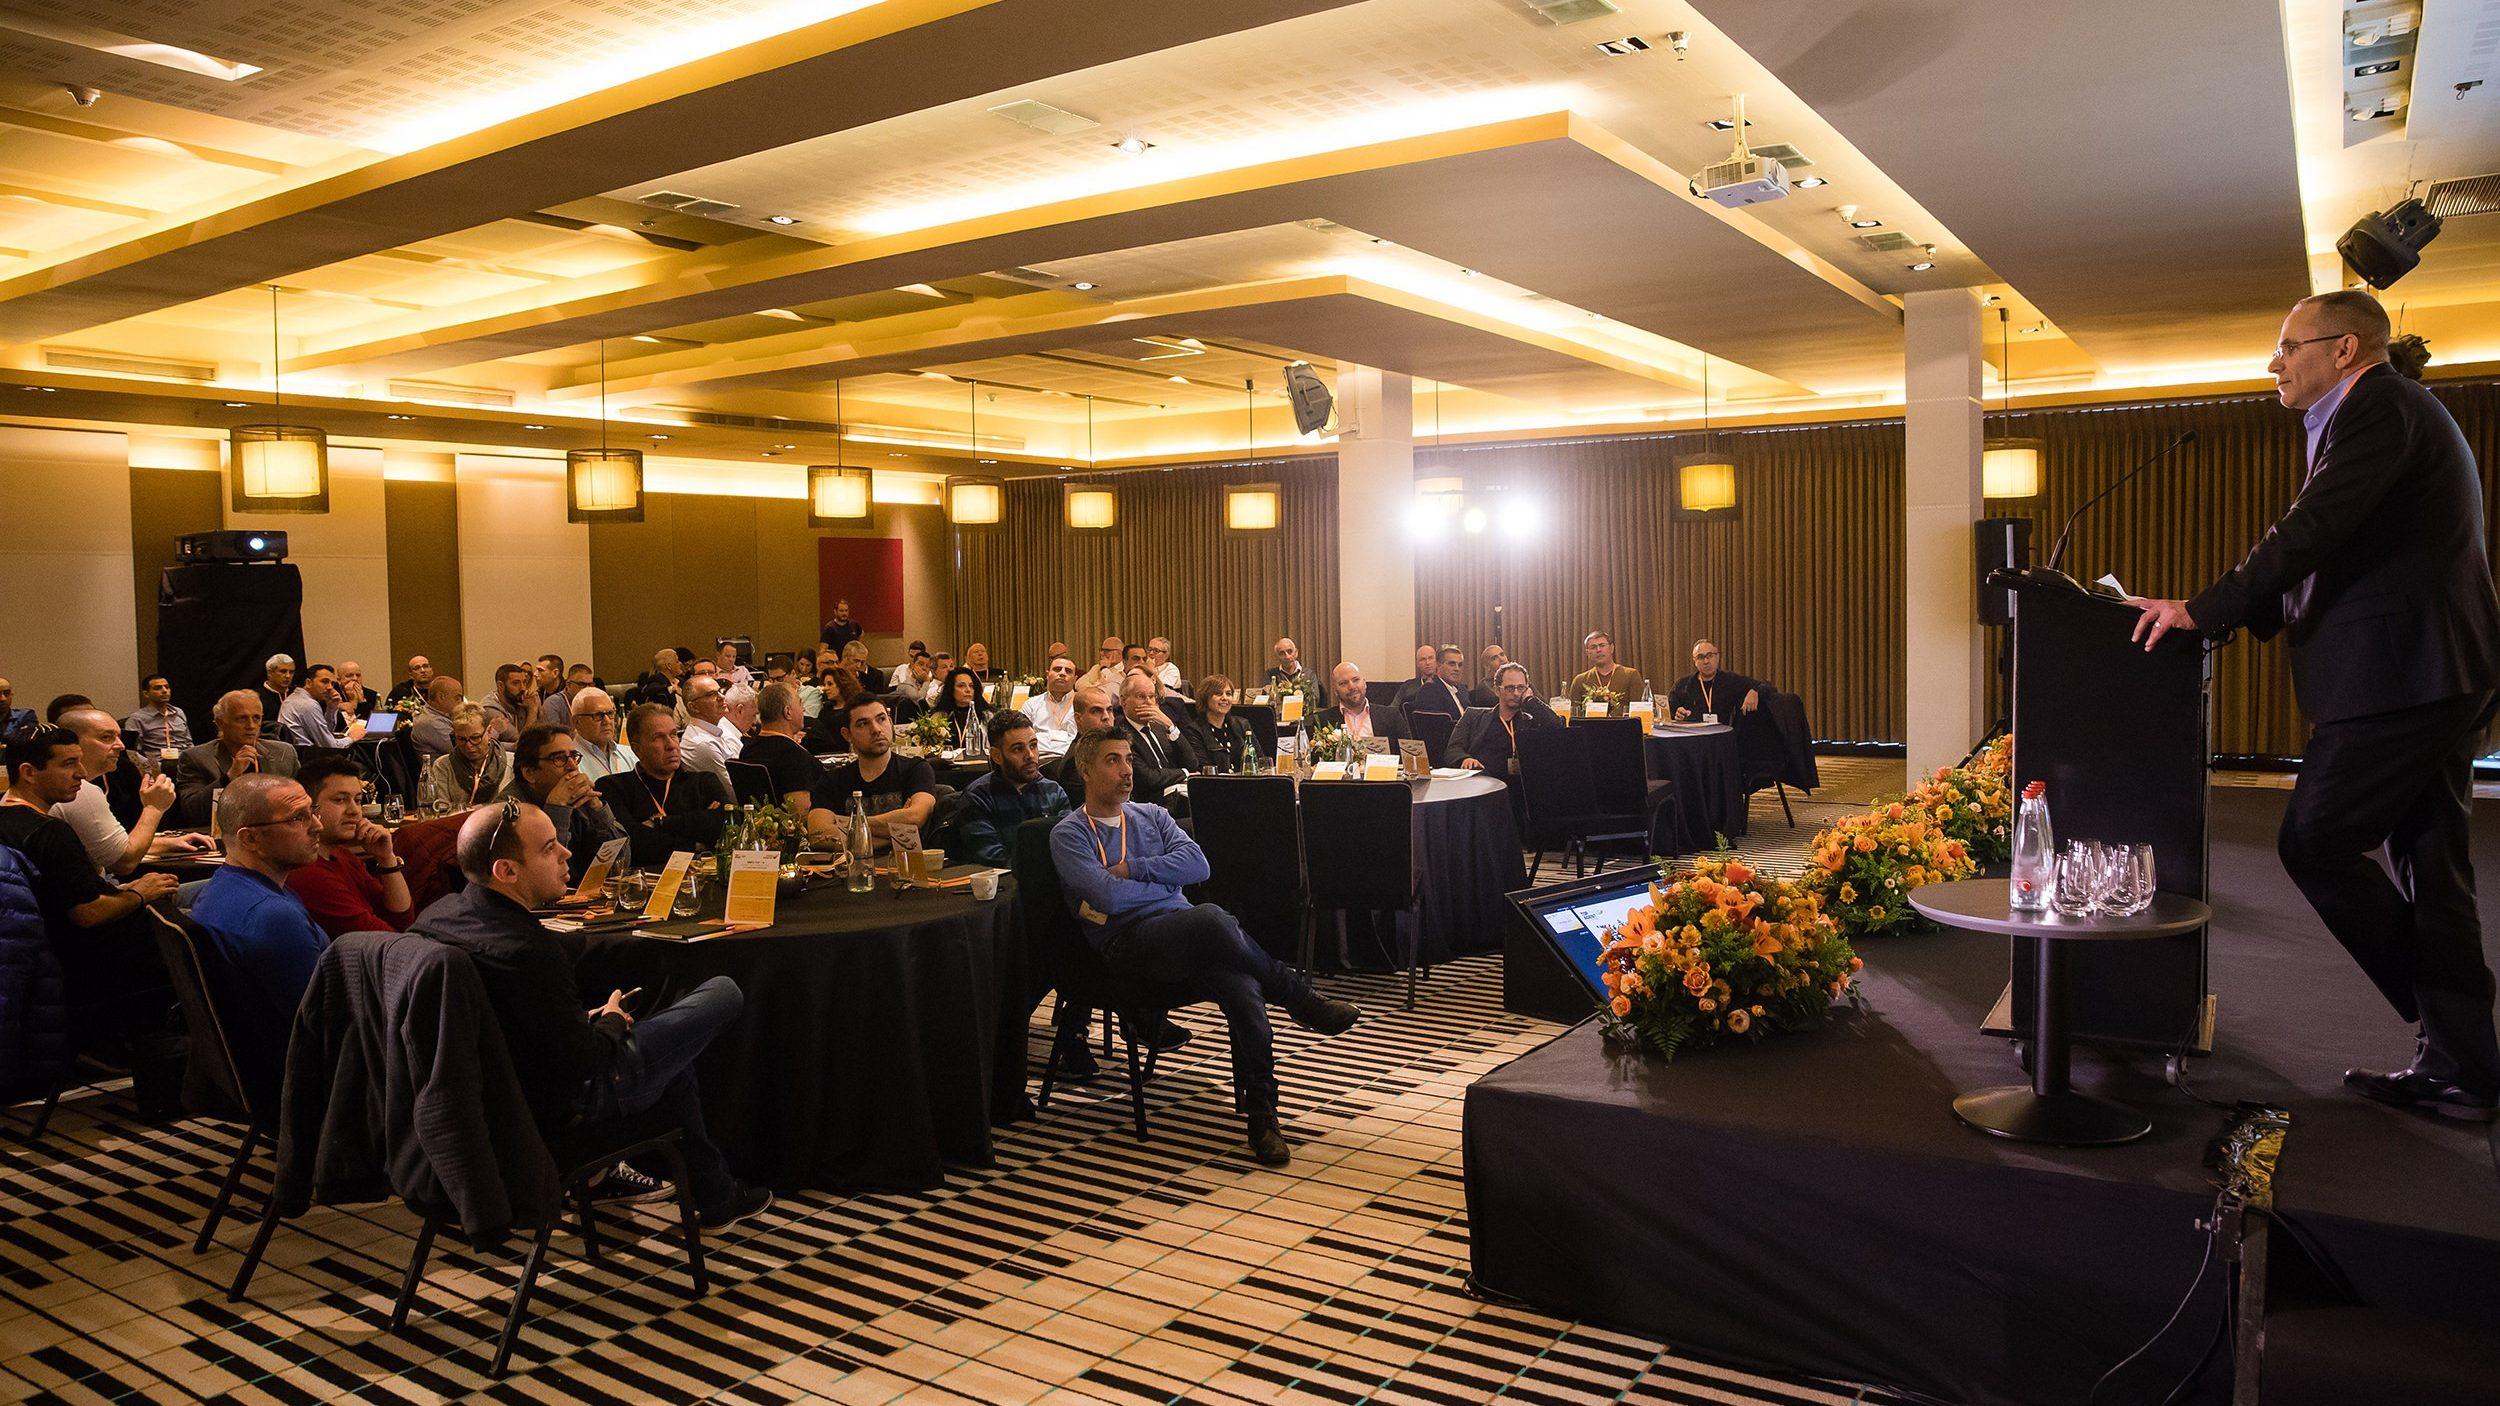 כ-100 מסוכני מועדון TOP AGENT של מנורה מבטחים השתתפו בכנס מקצועי שערכה החברה